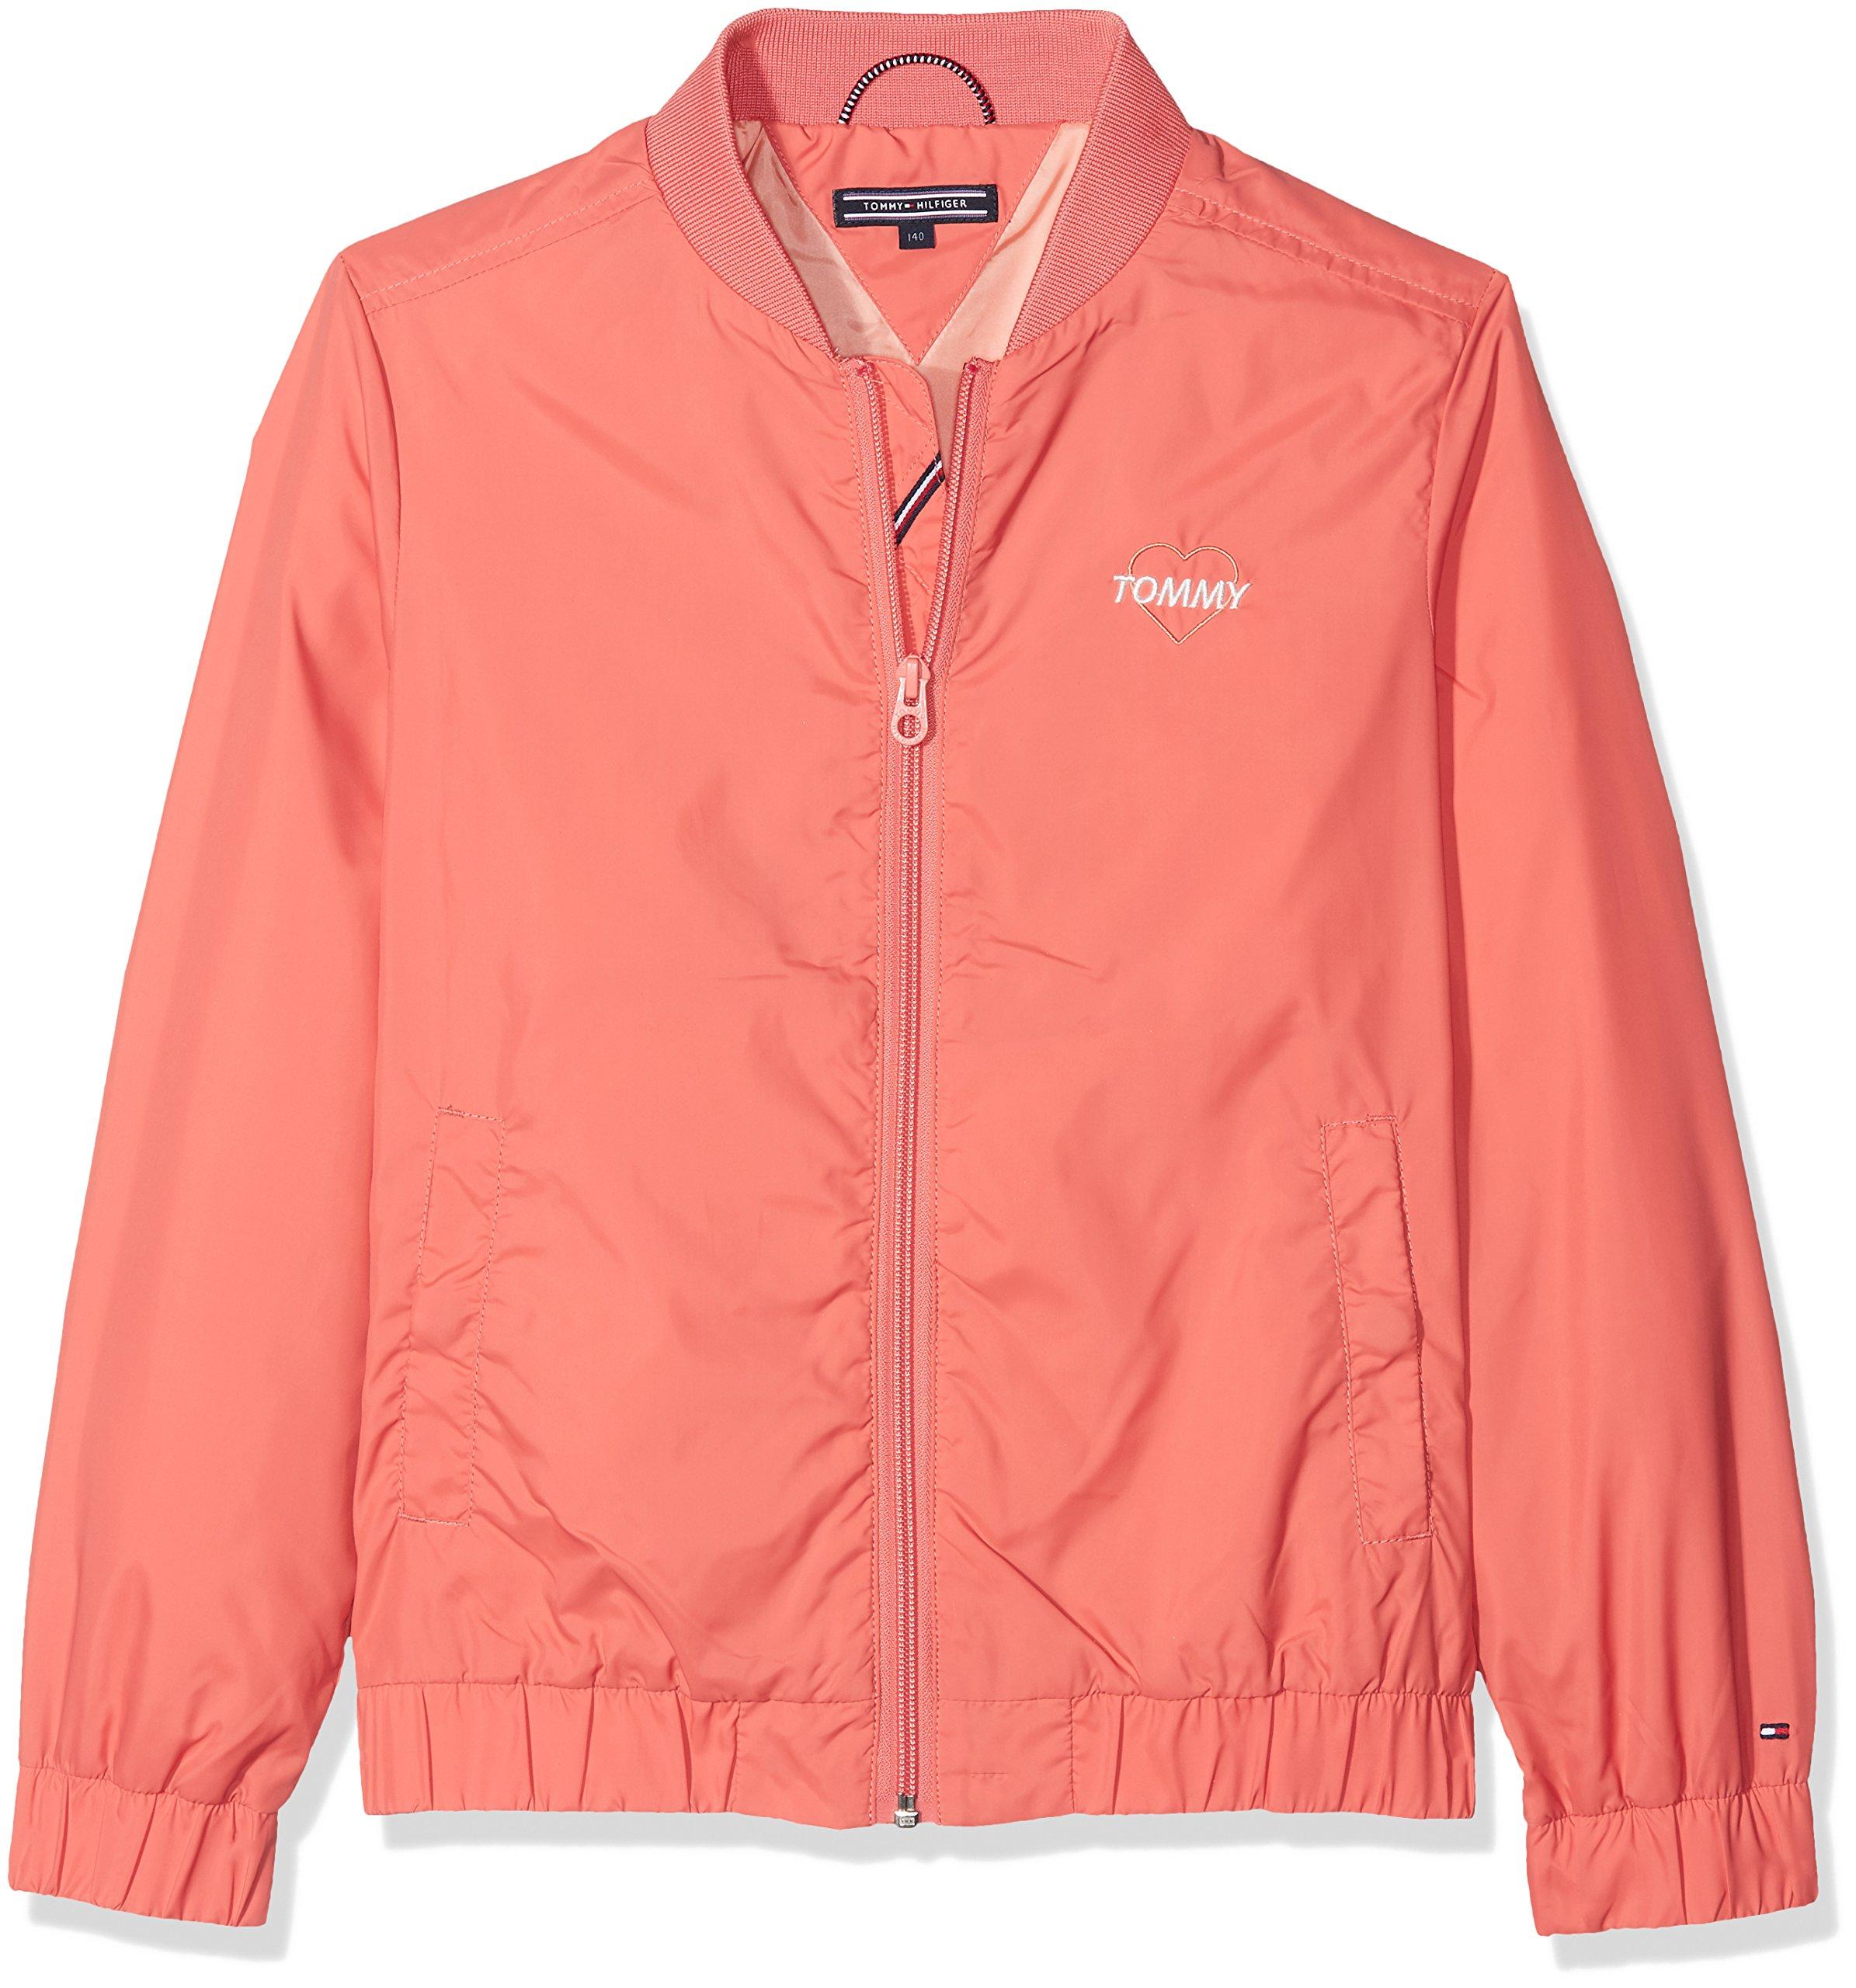 Tommy Hilfiger S Sunny Bomber Jacket Chaqueta para Niñas